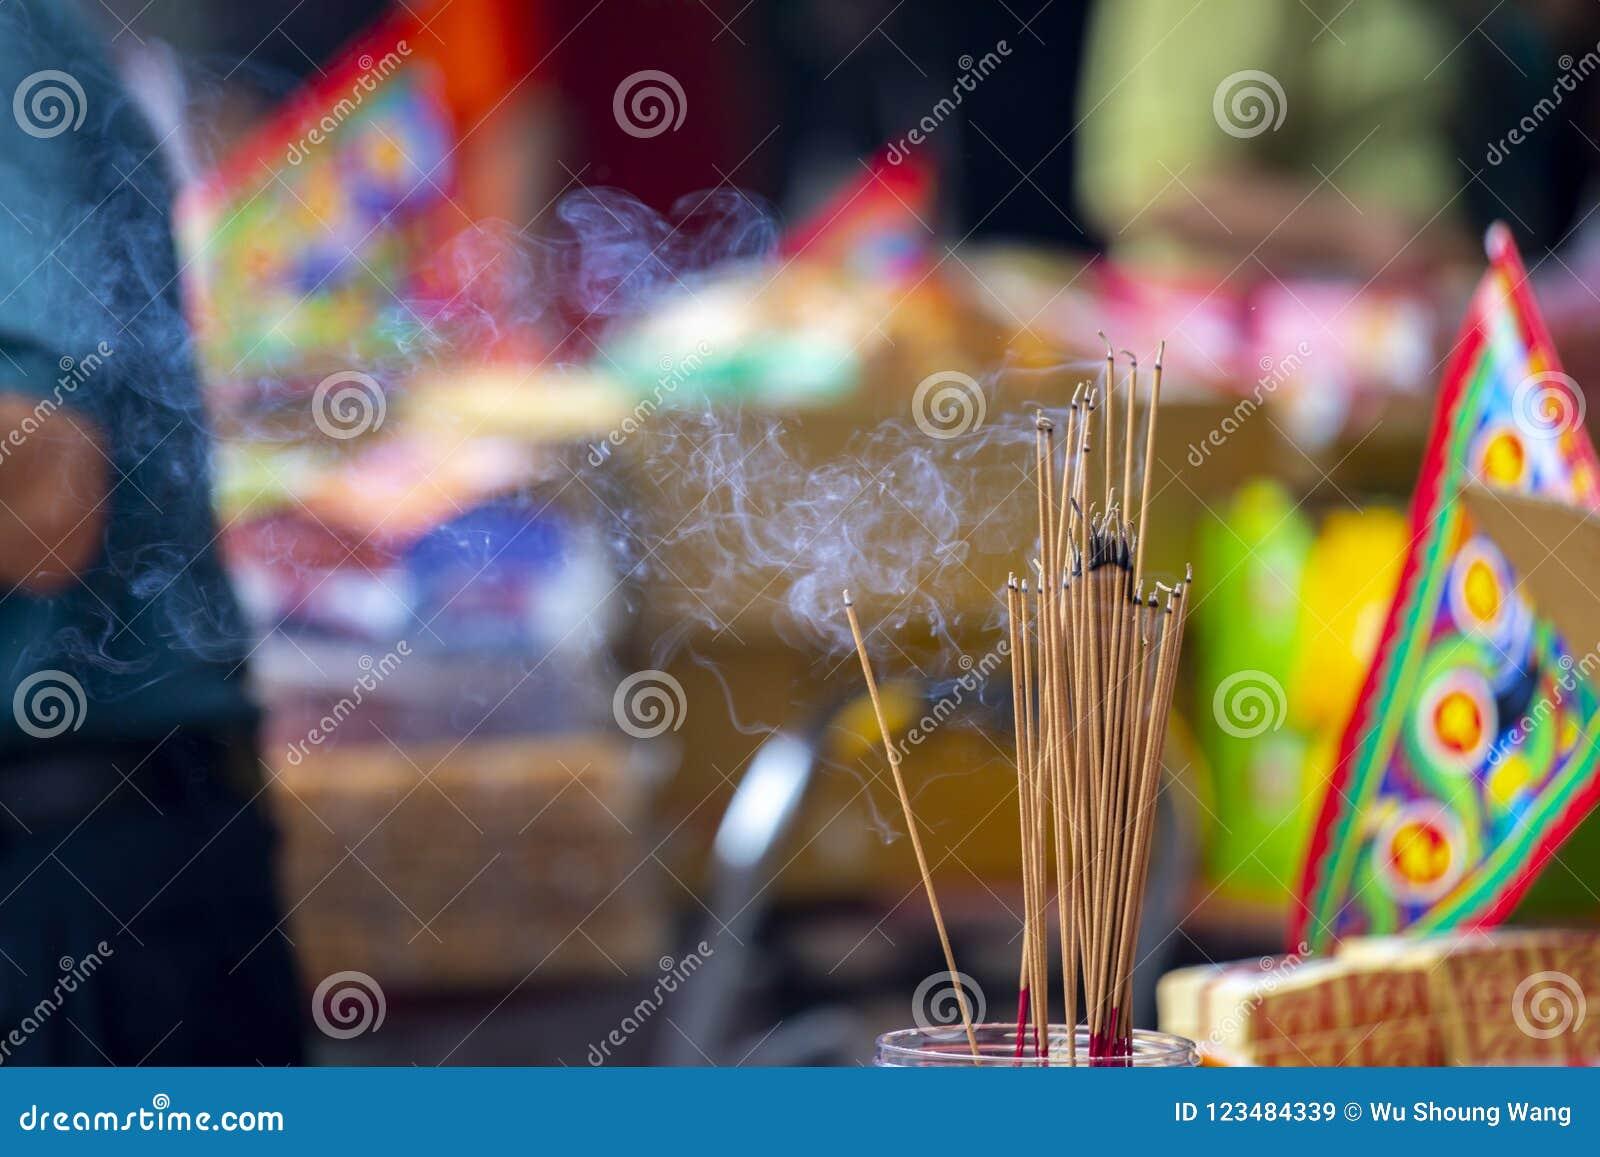 China, Traditional Religion, Customs, Zhongyuan Purdue